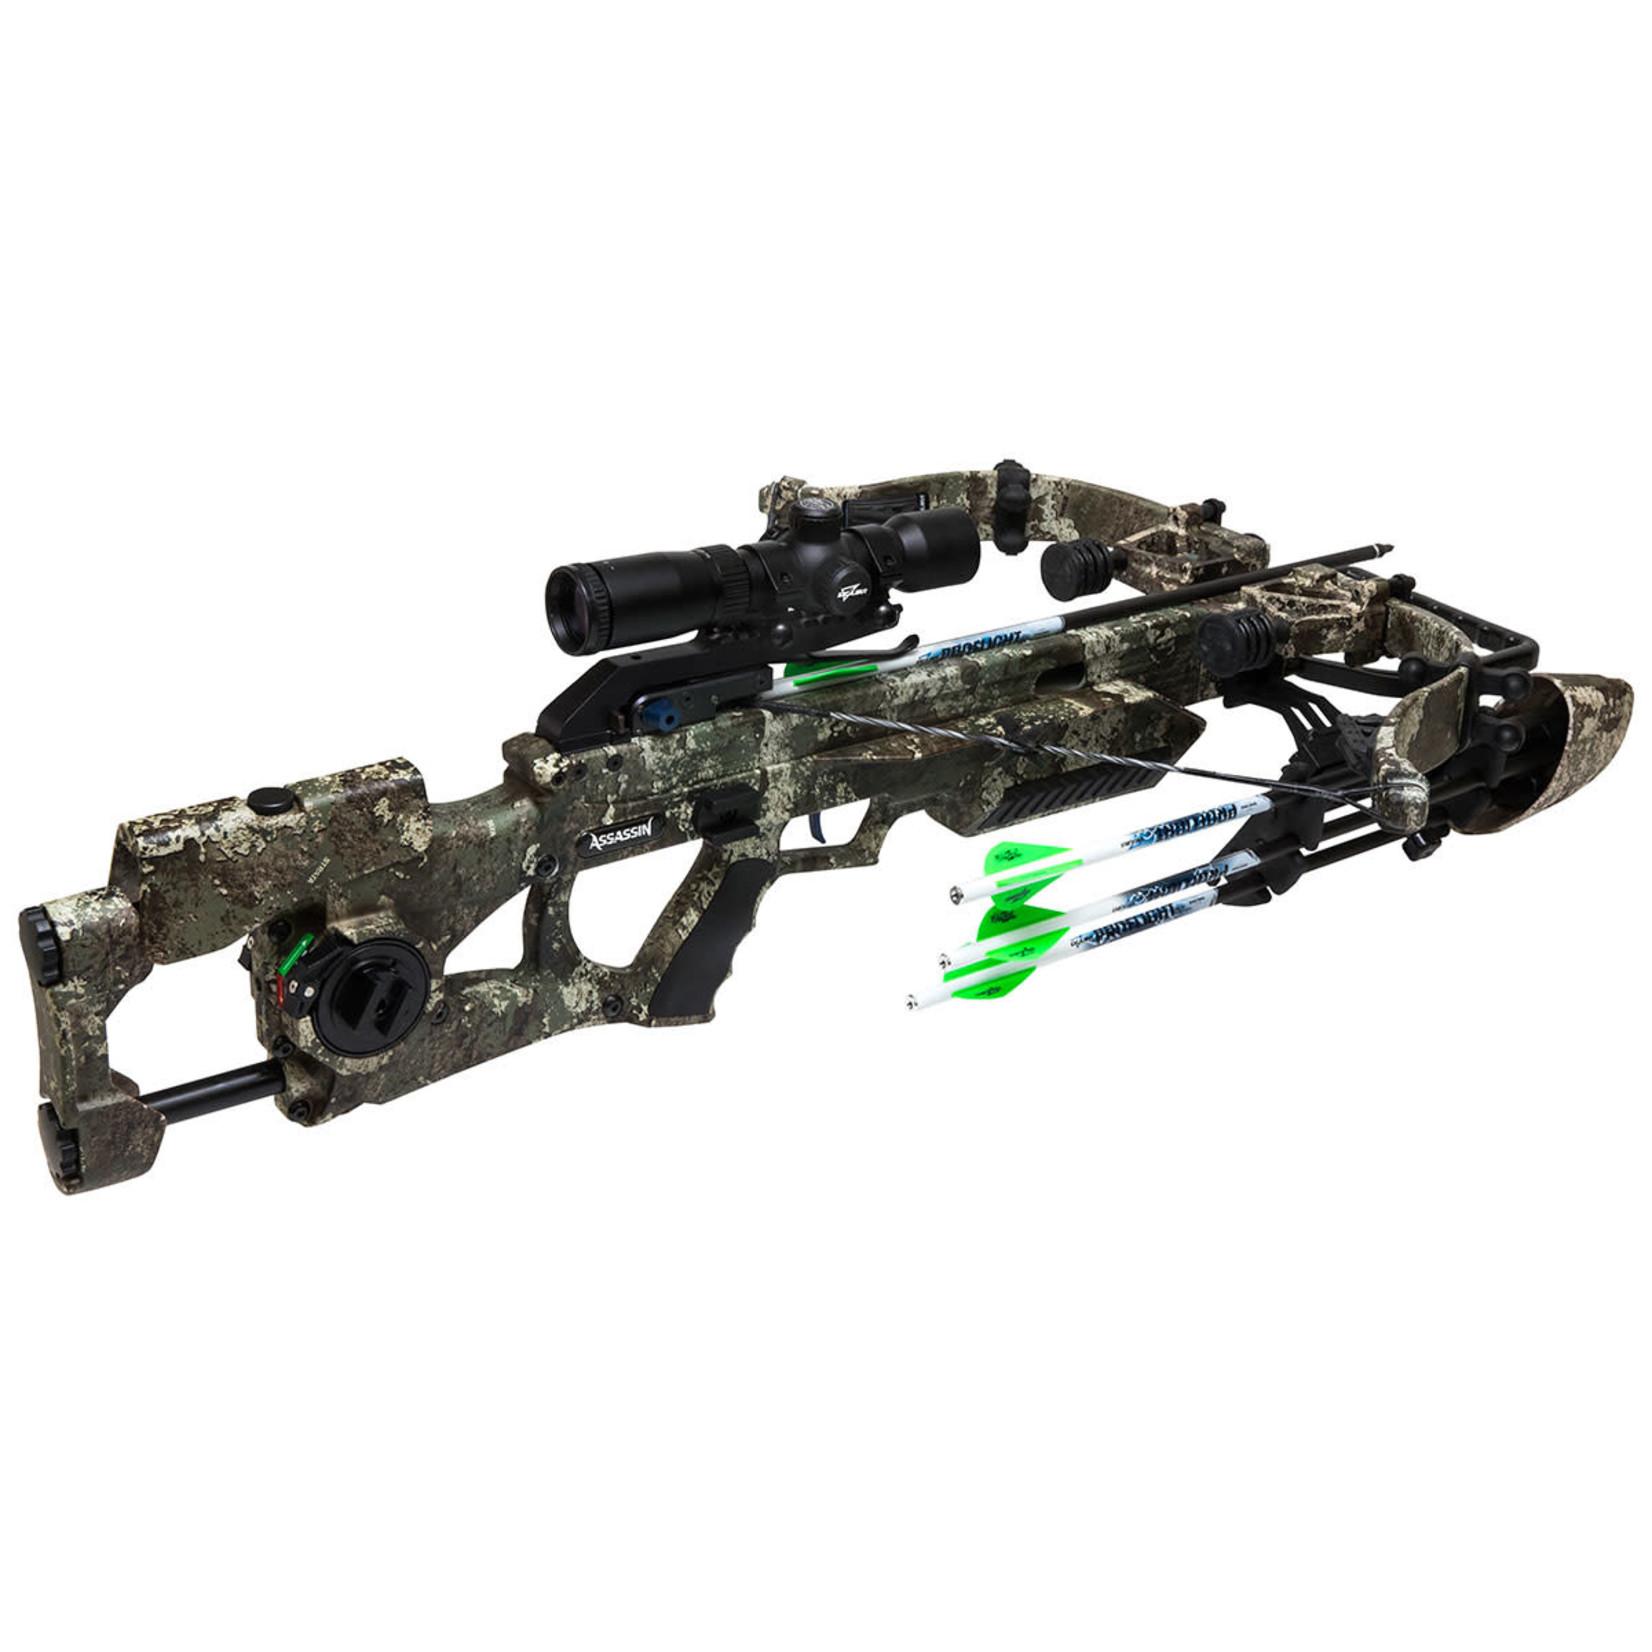 Excalibur Excalibur Assassin 400 TD Crossbow